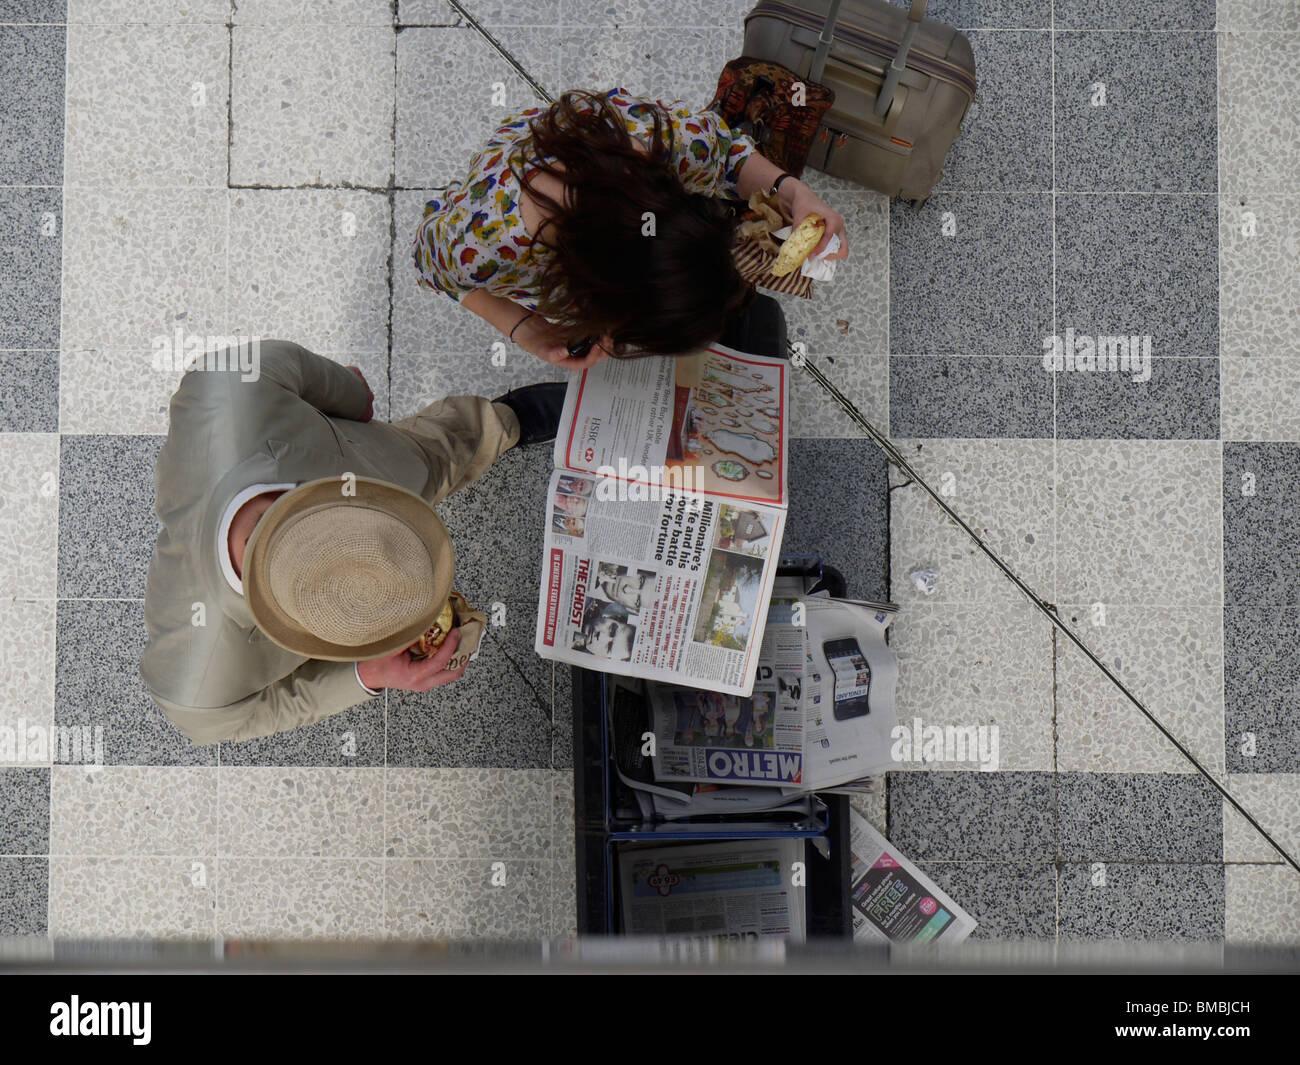 Los lectores del periódico gratuito metro en Liverpool Street Station de Londres Imagen De Stock